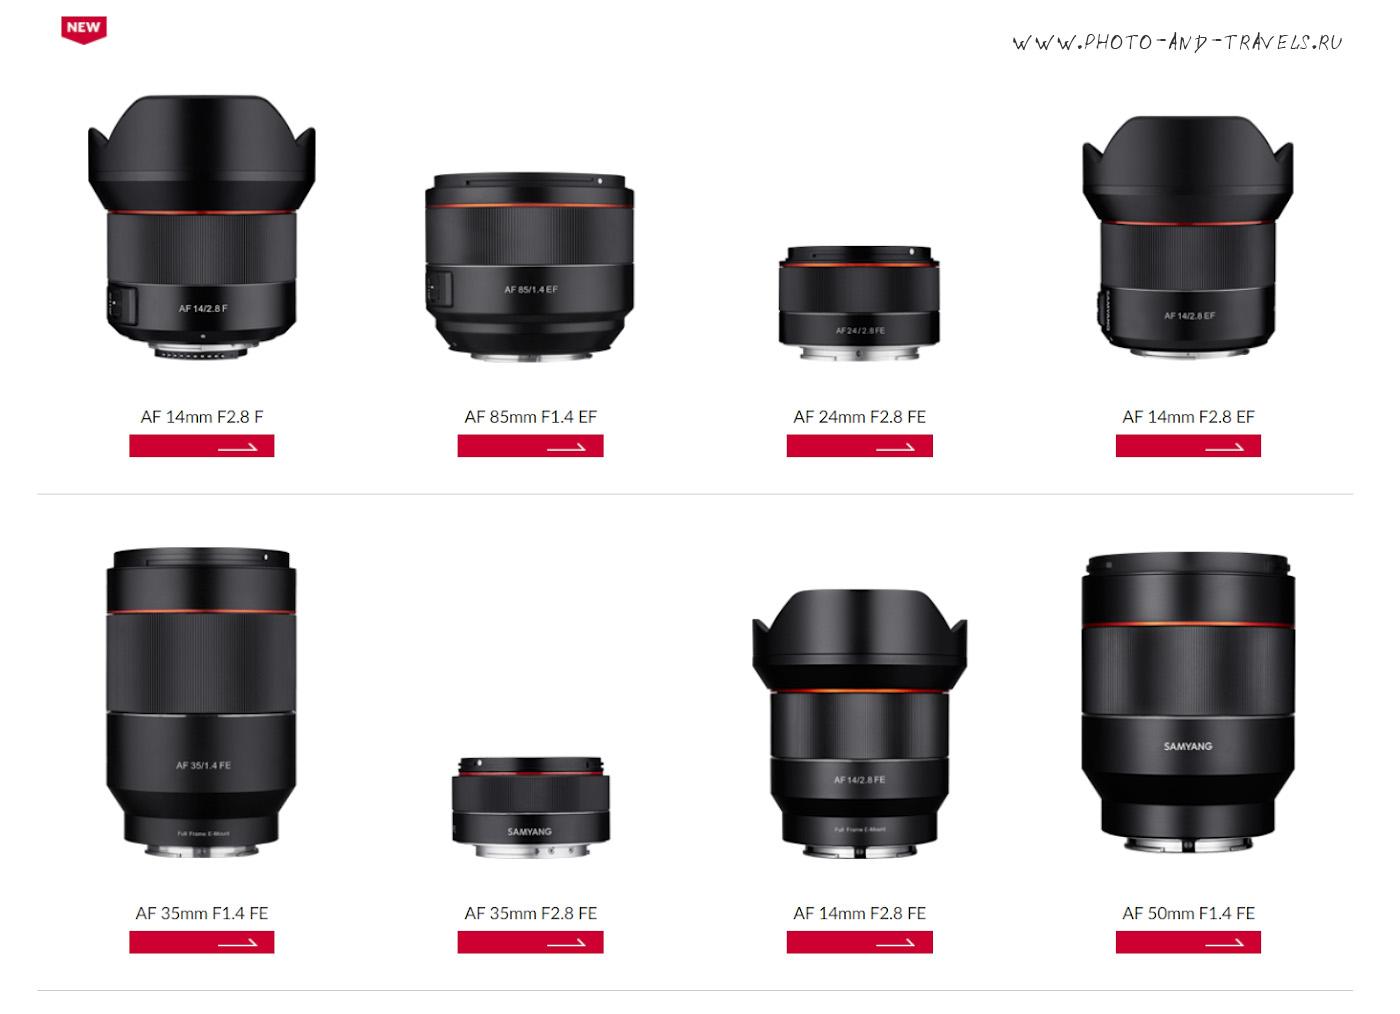 20. Перечень автофокусных объективов Samyang под байонеты Nikon F, Sony FE и Canon M.